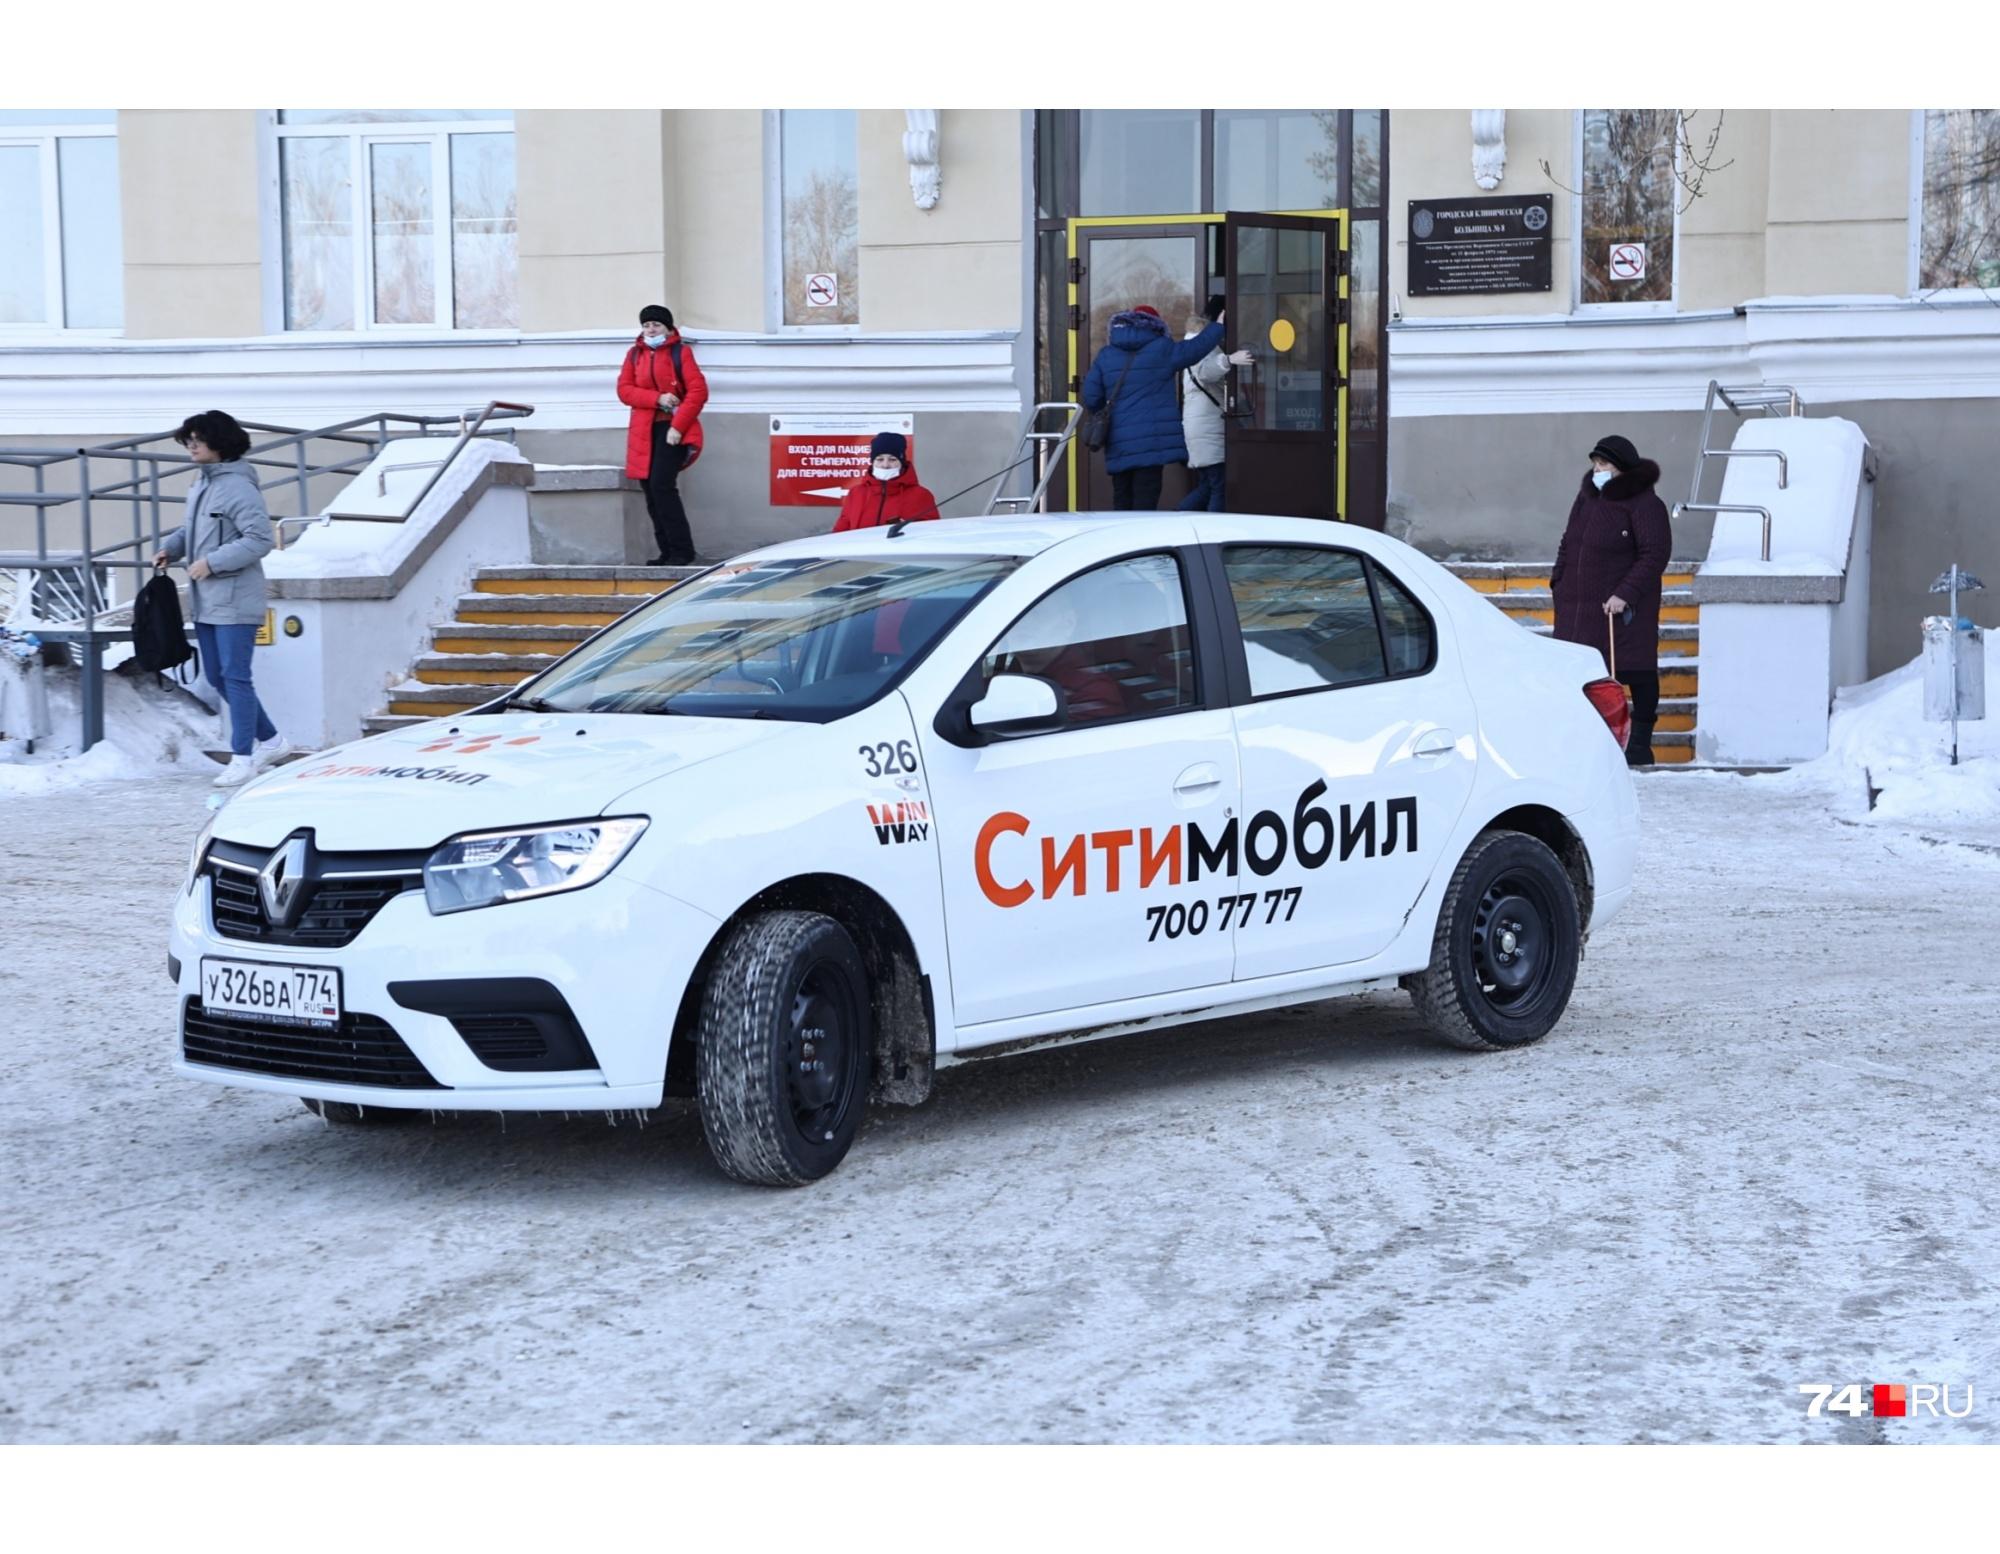 Машины такси решили привлекать к помощи в поликлиниках, когда те начали «захлебываться» от огромного количества вызовов